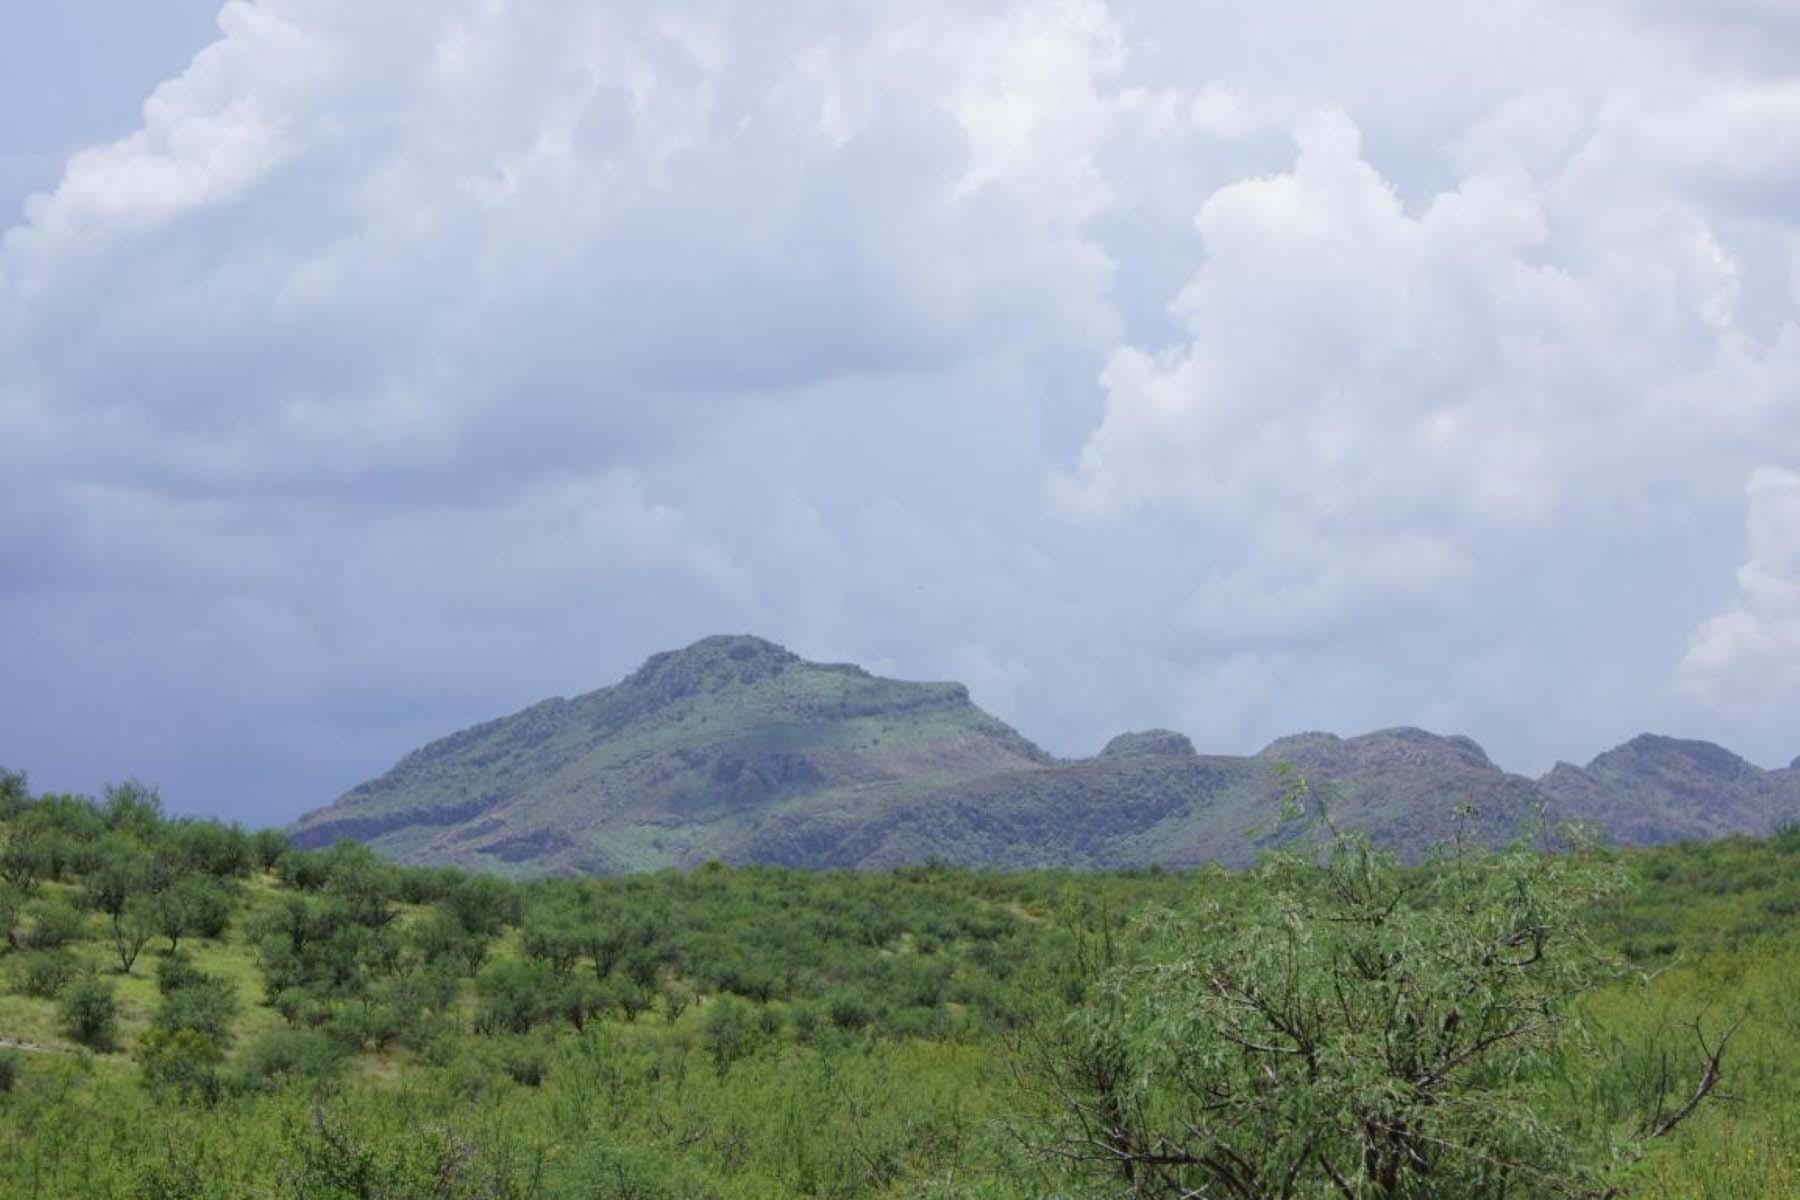 Terreno por un Venta en Beautiful portion of land with amazing mountain views. Parcel 4 Vista de Torres #4 Tubac, Arizona 85646 Estados Unidos